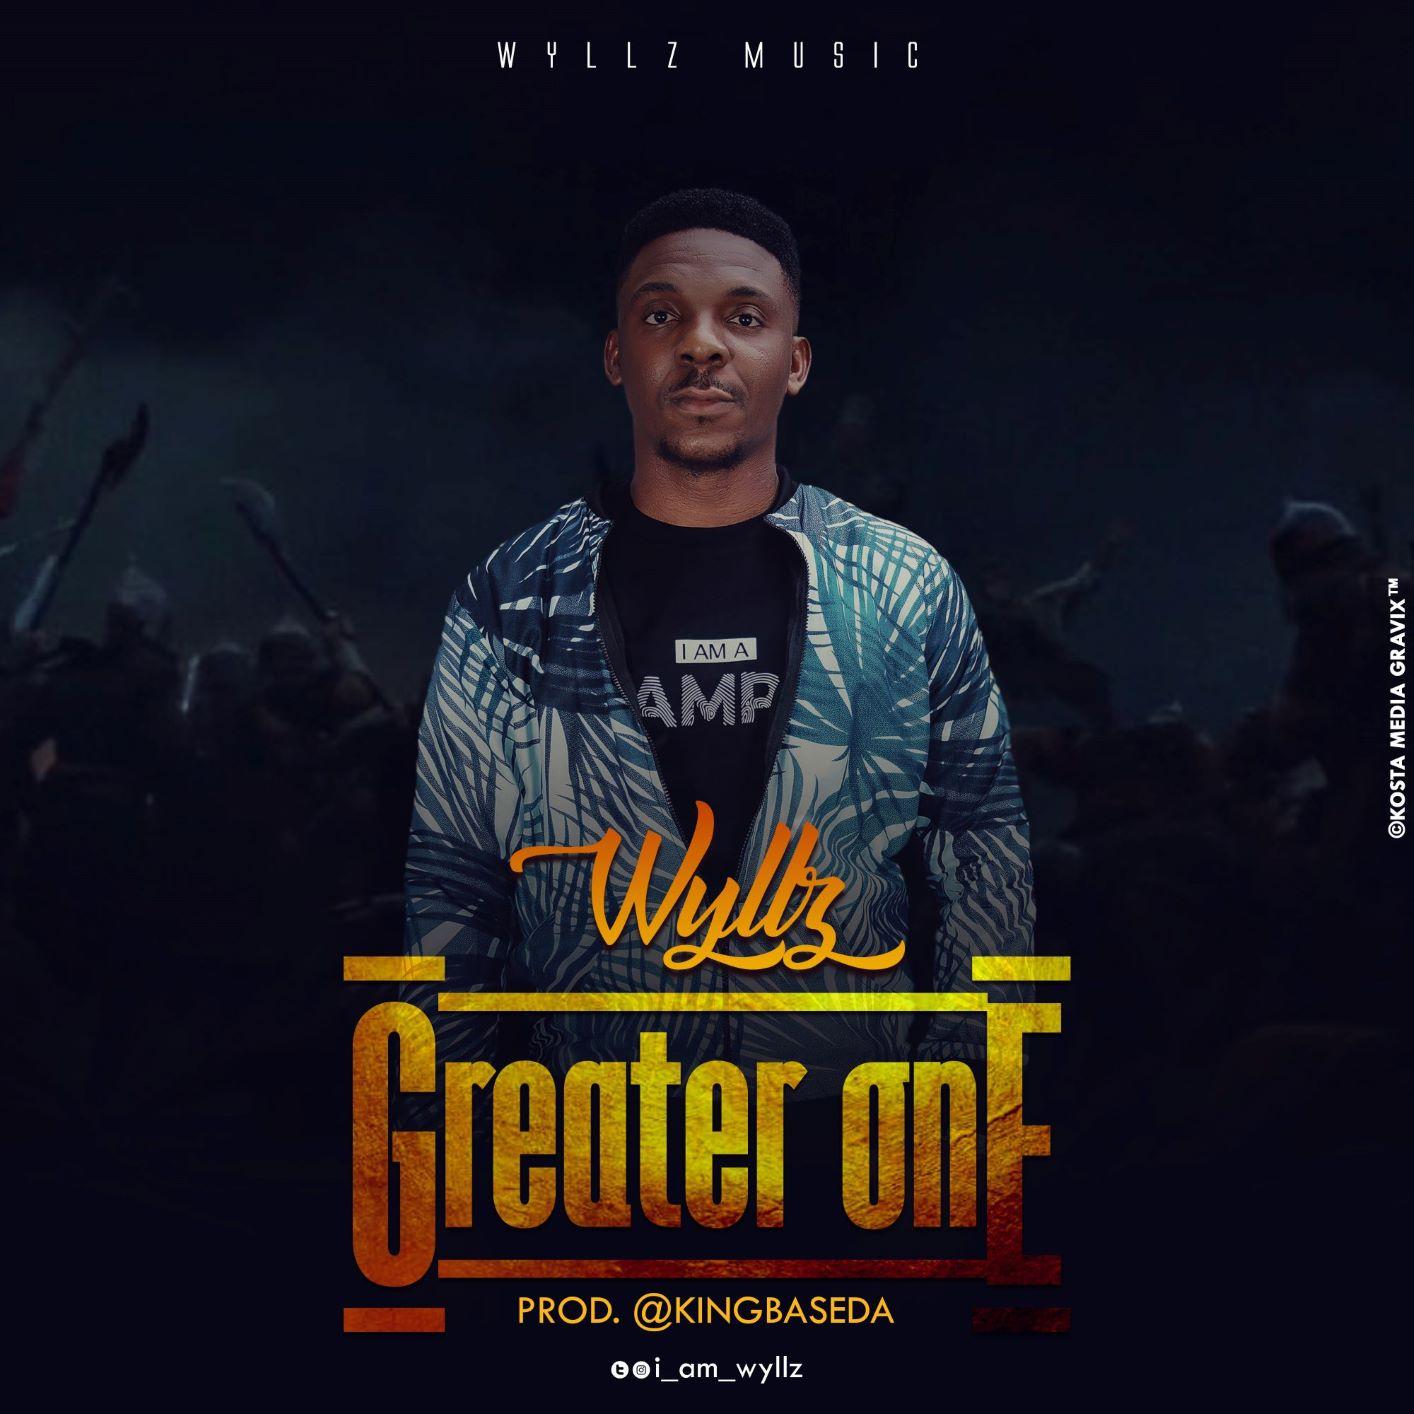 Wyllz Greater One